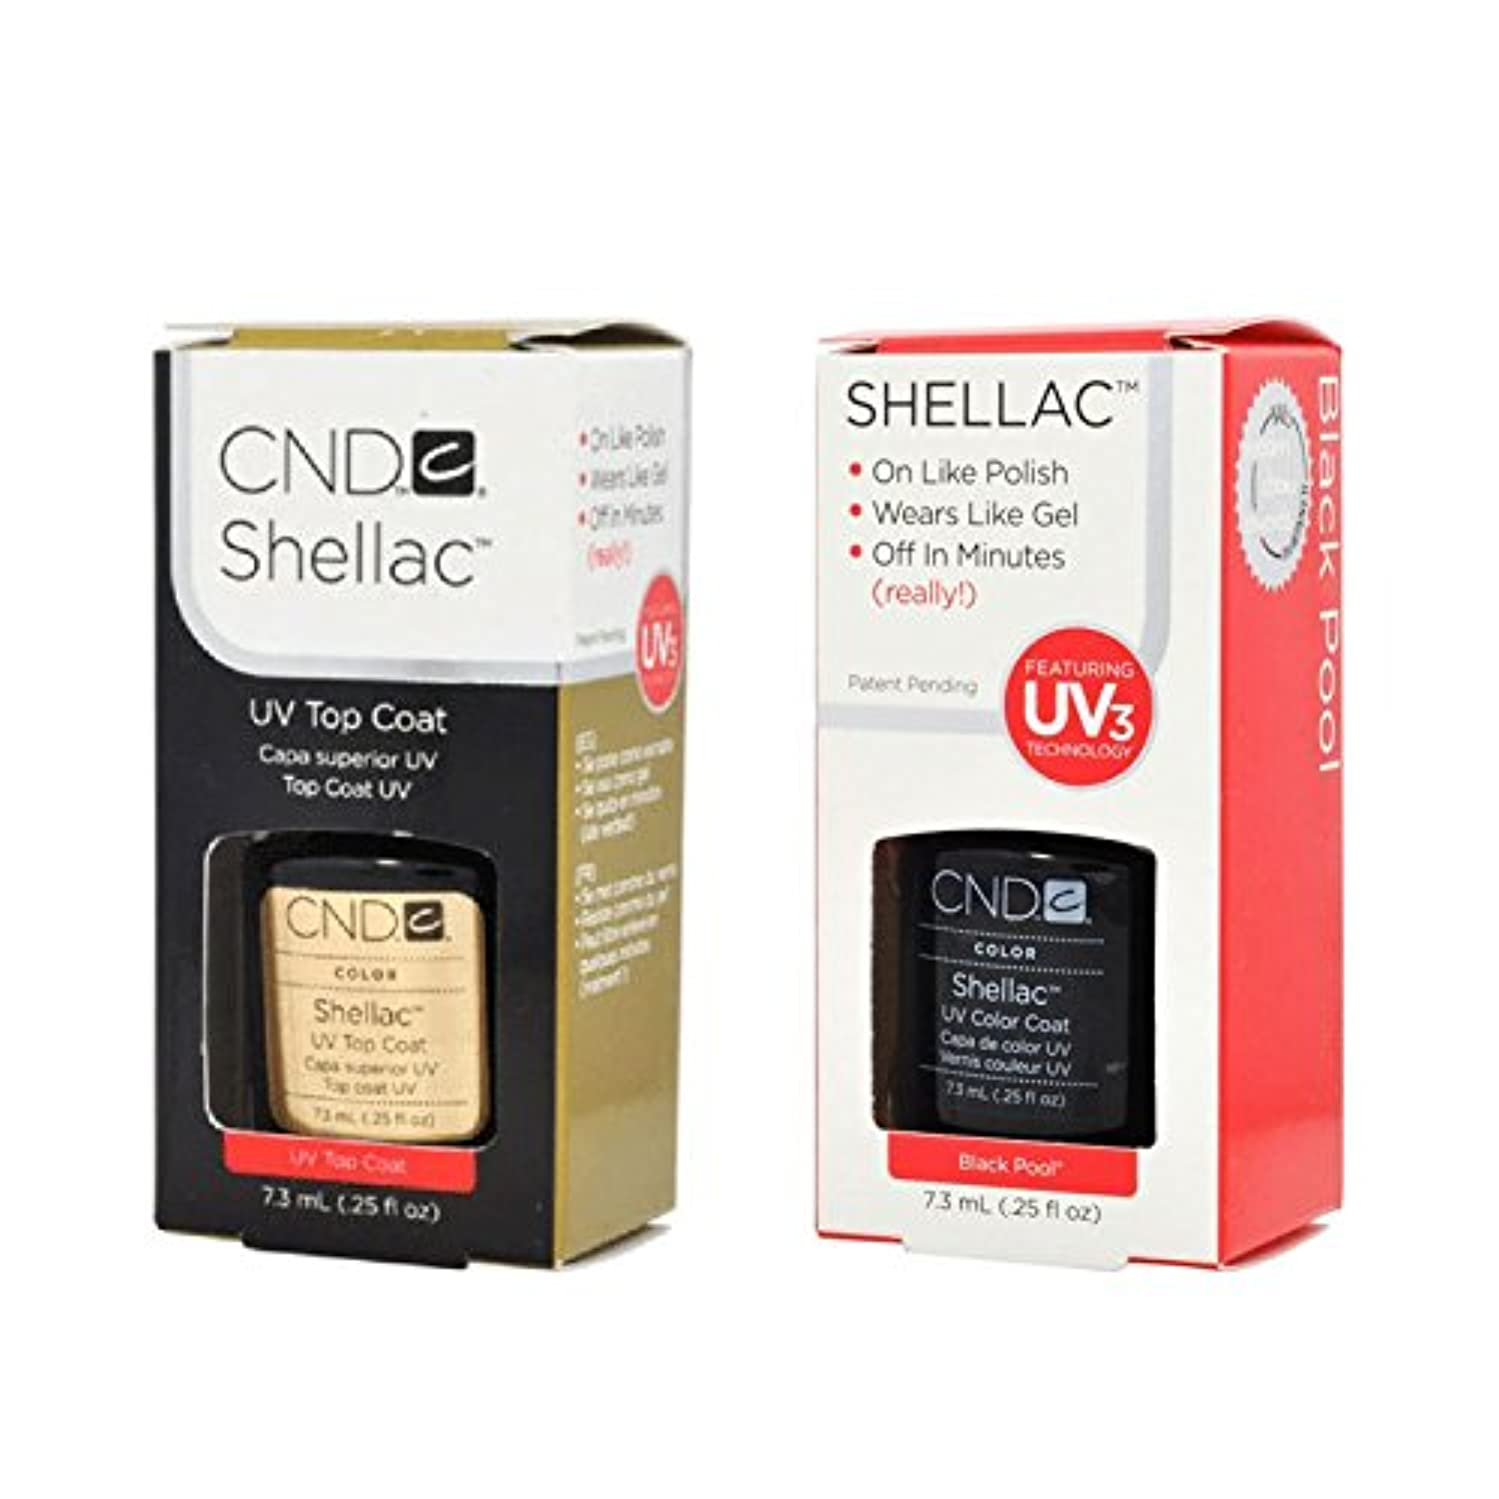 クライストチャーチ議論するテンションCND Shellac UVトップコート 7.3m l  &  UV カラーコー< Black Pool>7.3ml [海外直送品]